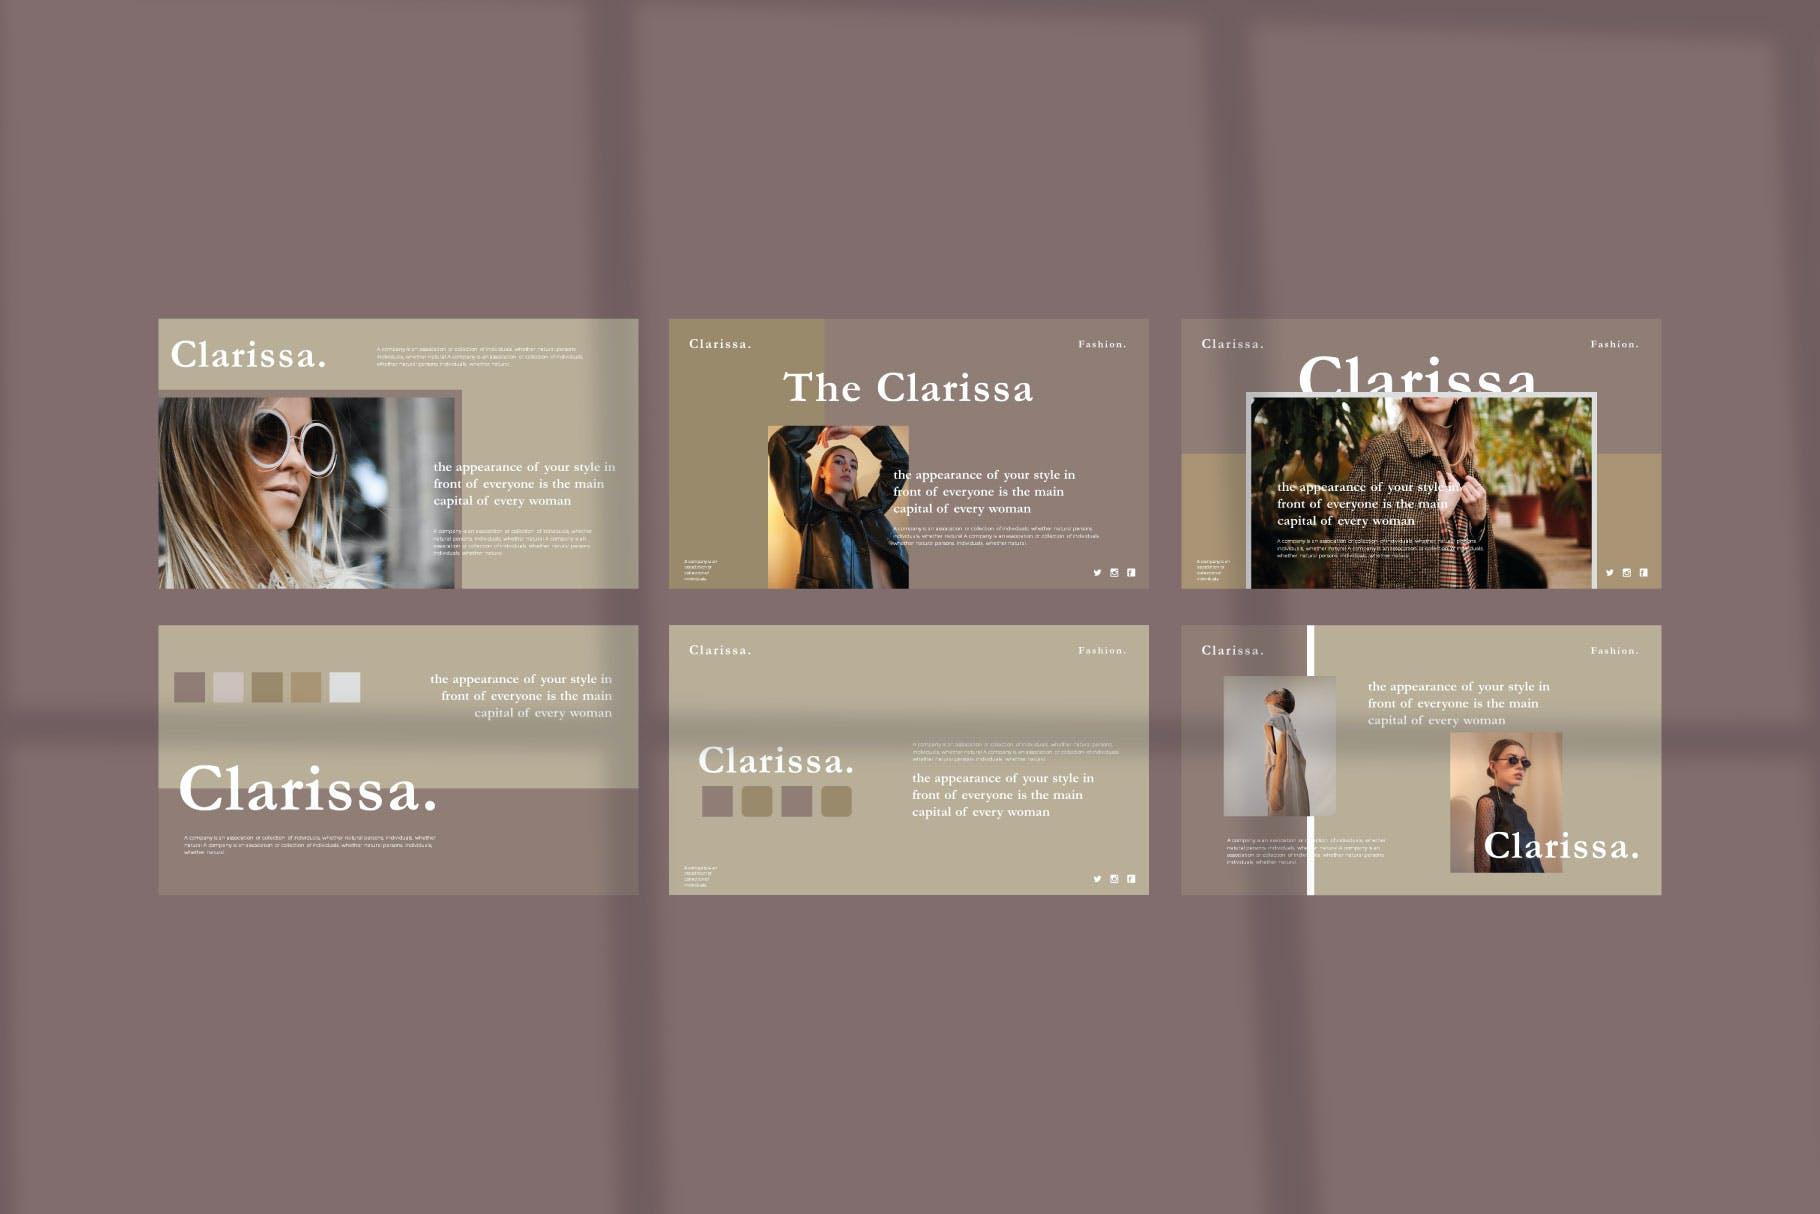 时尚简约摄影作品集图文排版幻灯片设计模板 Clarissa Bundle Presentation插图5